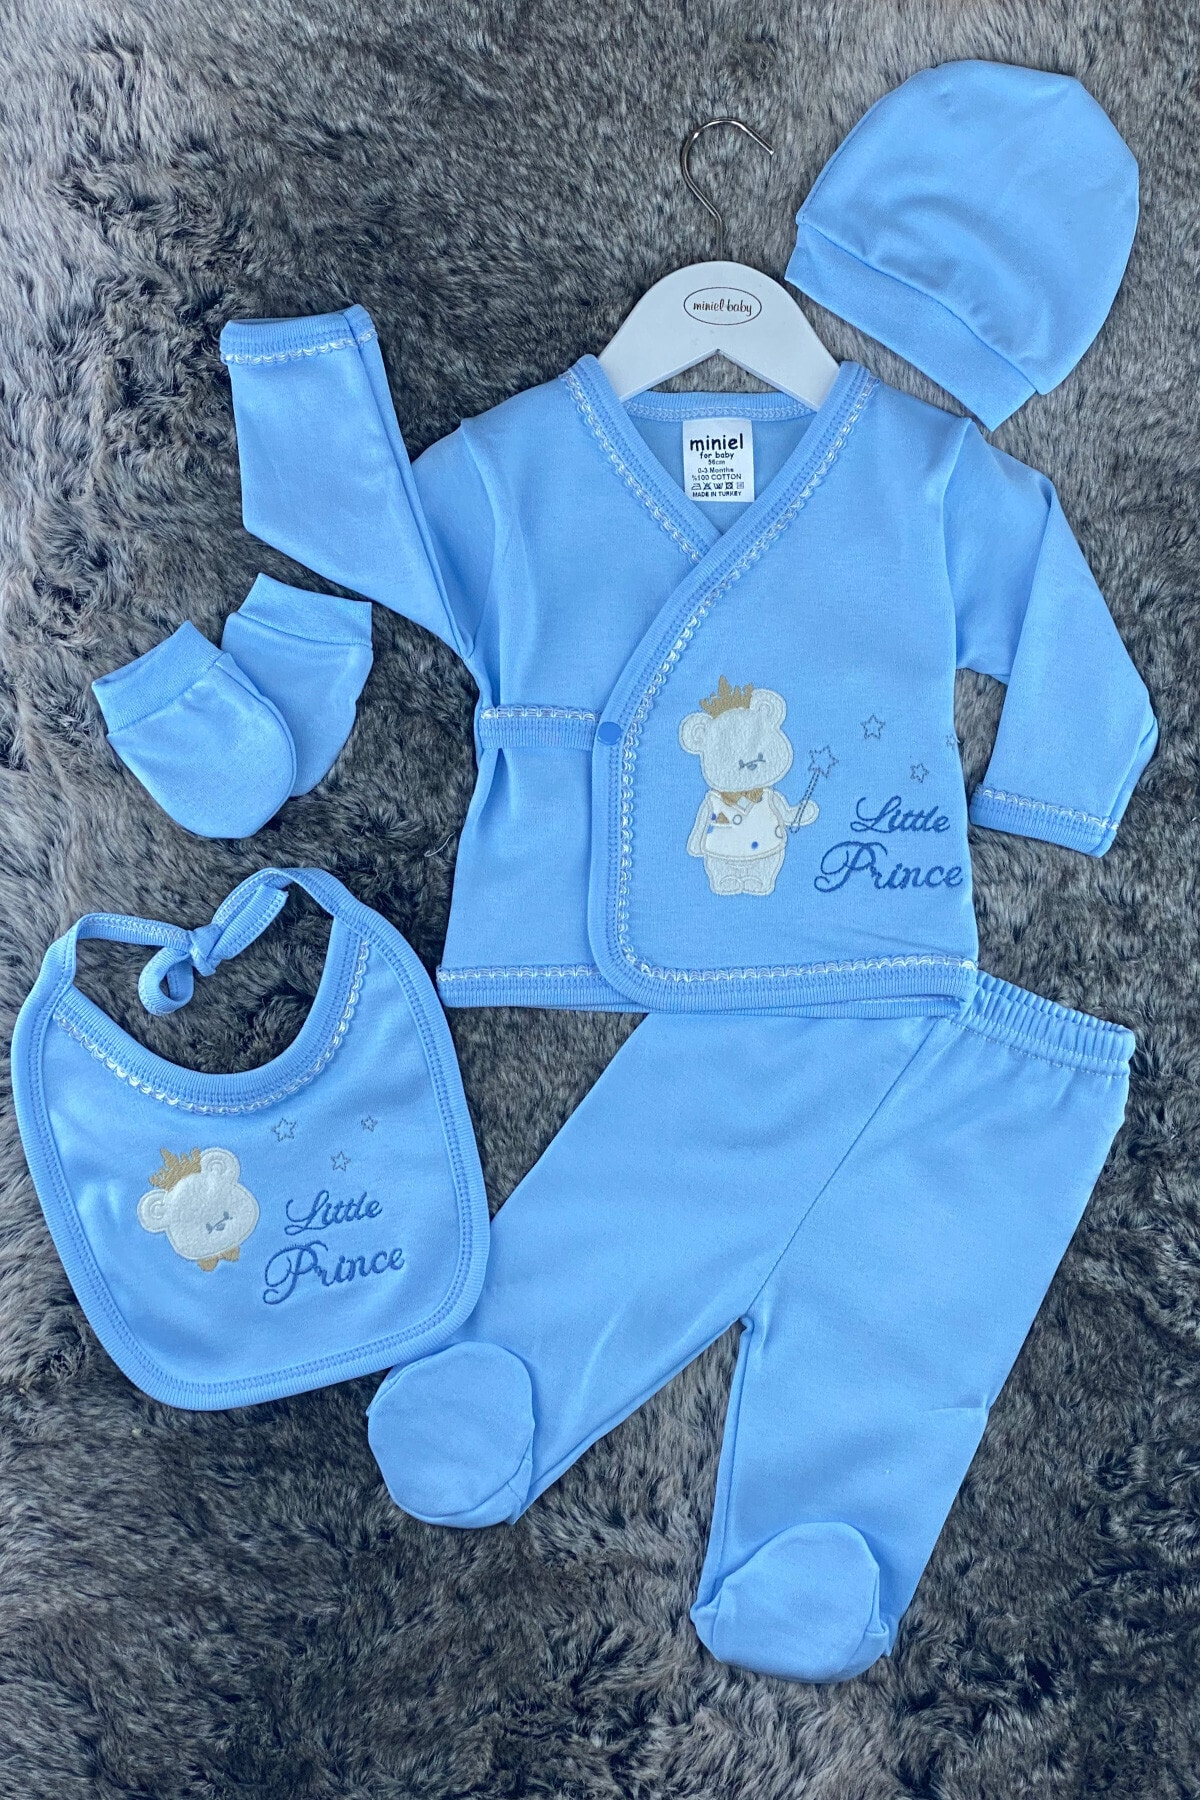 Miniel Erkek Bebek Mavi Prens Ayıcıklı 5'li Hastane Çıkışı Zıbın Seti 1